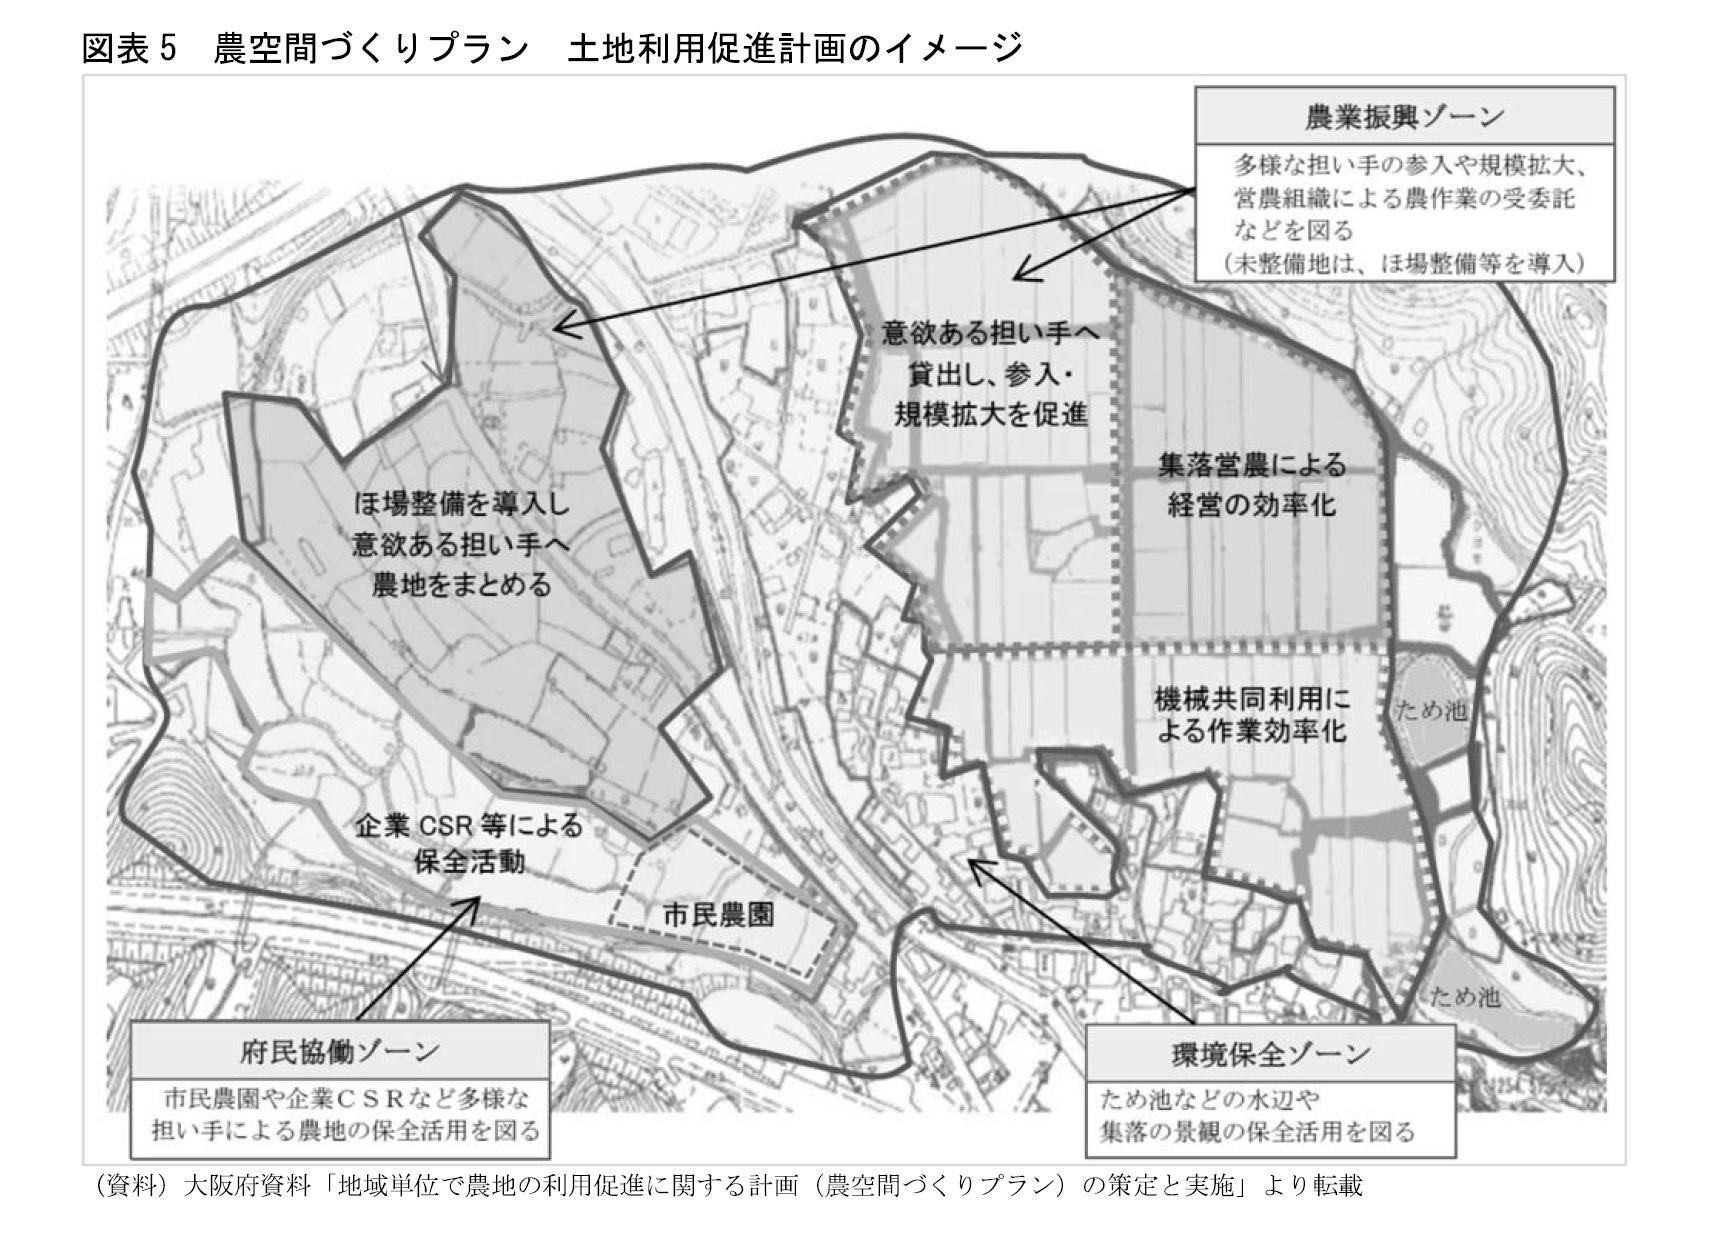 図表5 農空間づくりプラン 土地利用促進計画のイメージ